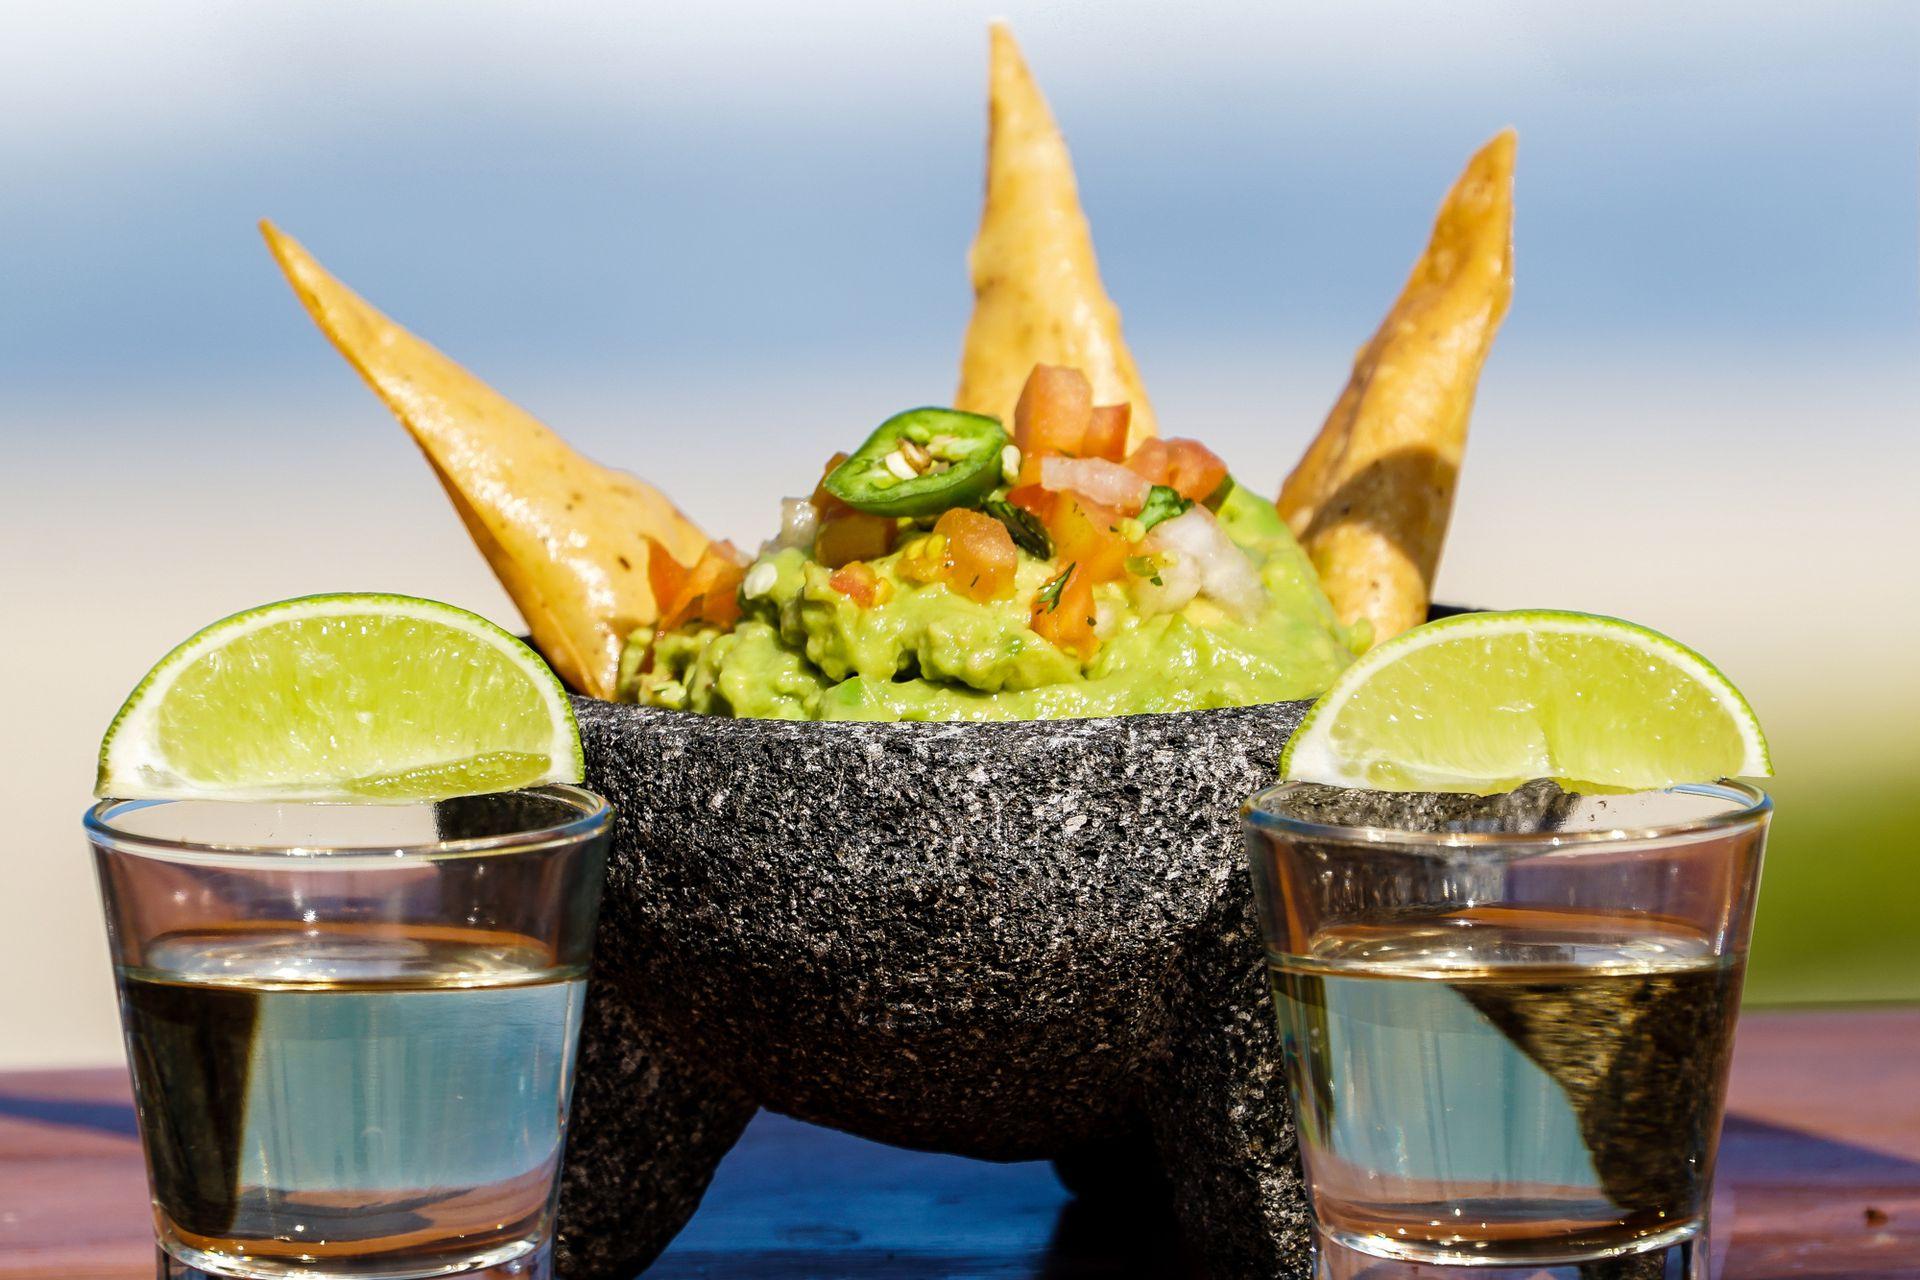 El guacamole, plato nacional